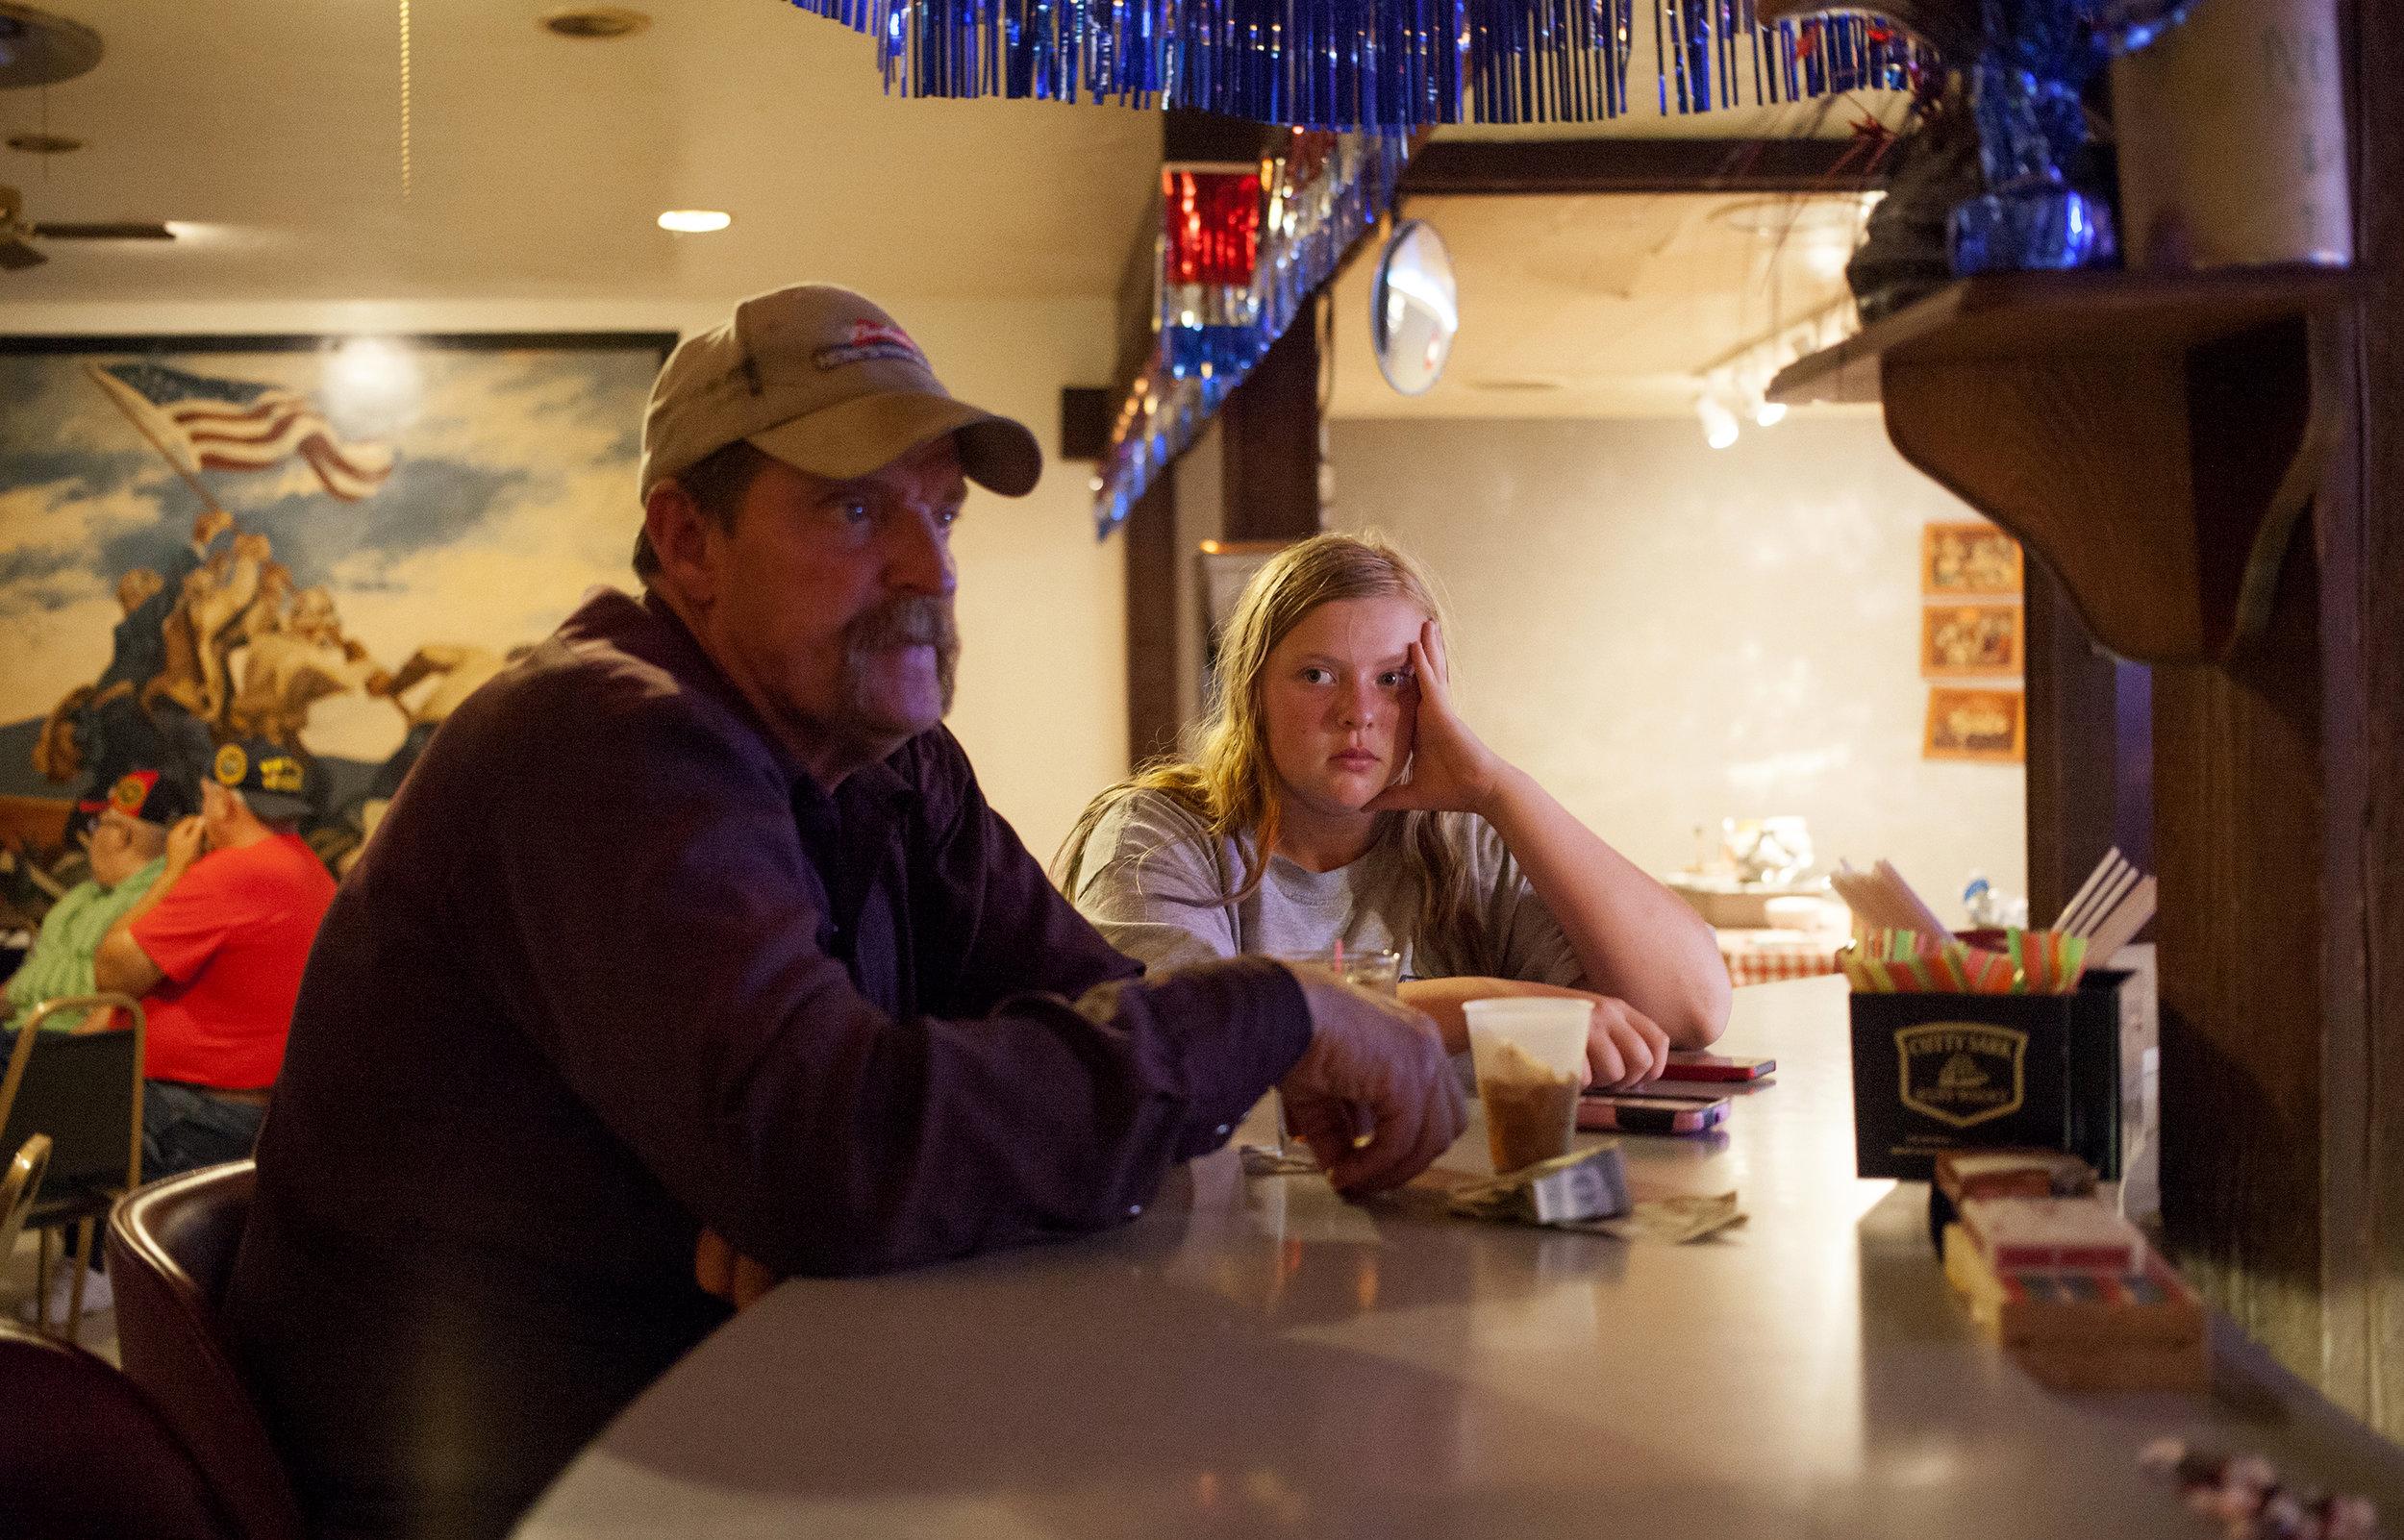 Friday night at the Vets Club. Valentine, Nebraska.